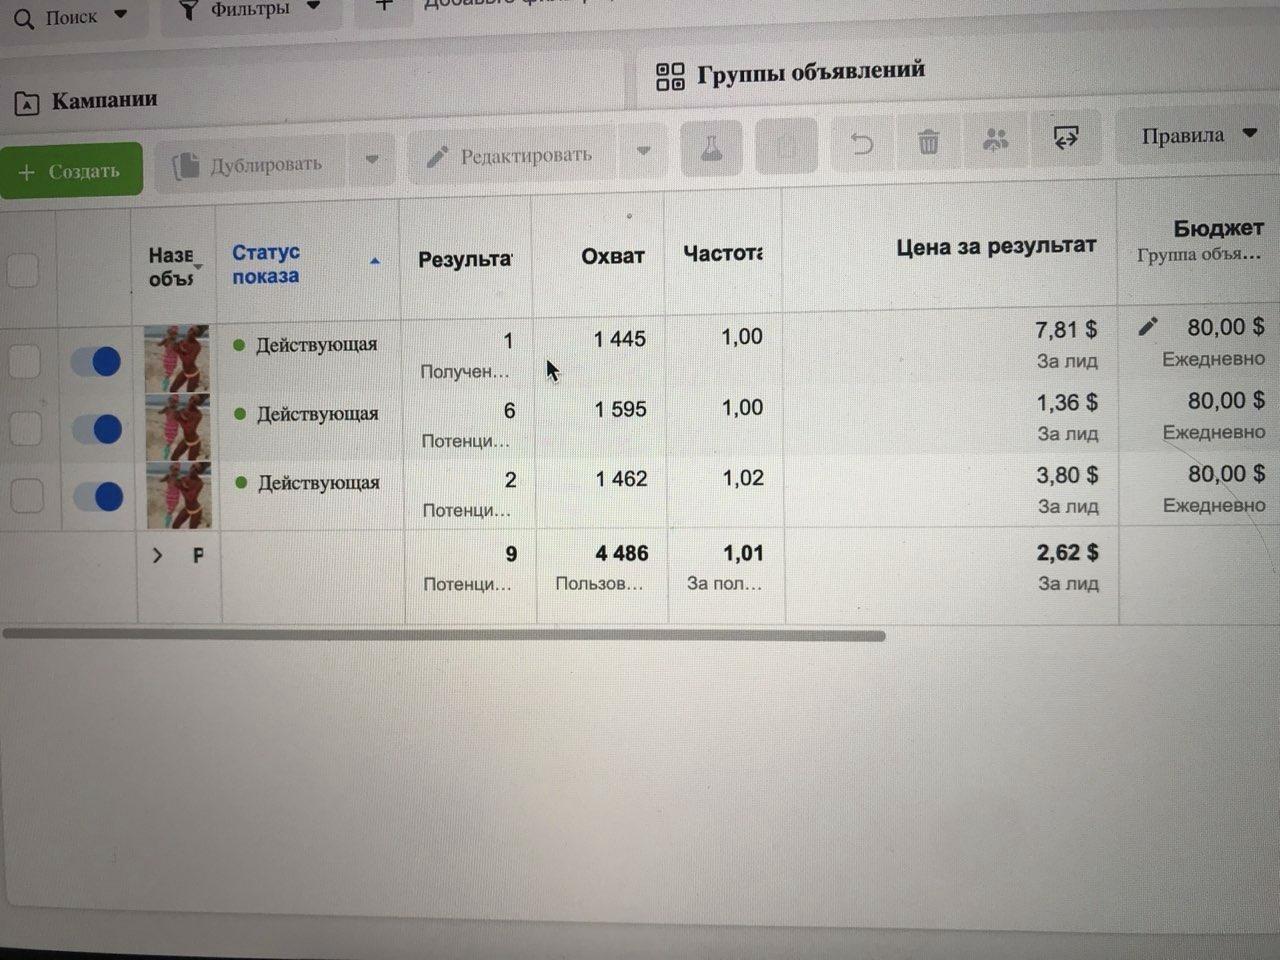 Кейс: +$79,834 с ROI 160% на Похудении в Италии, изображение №9